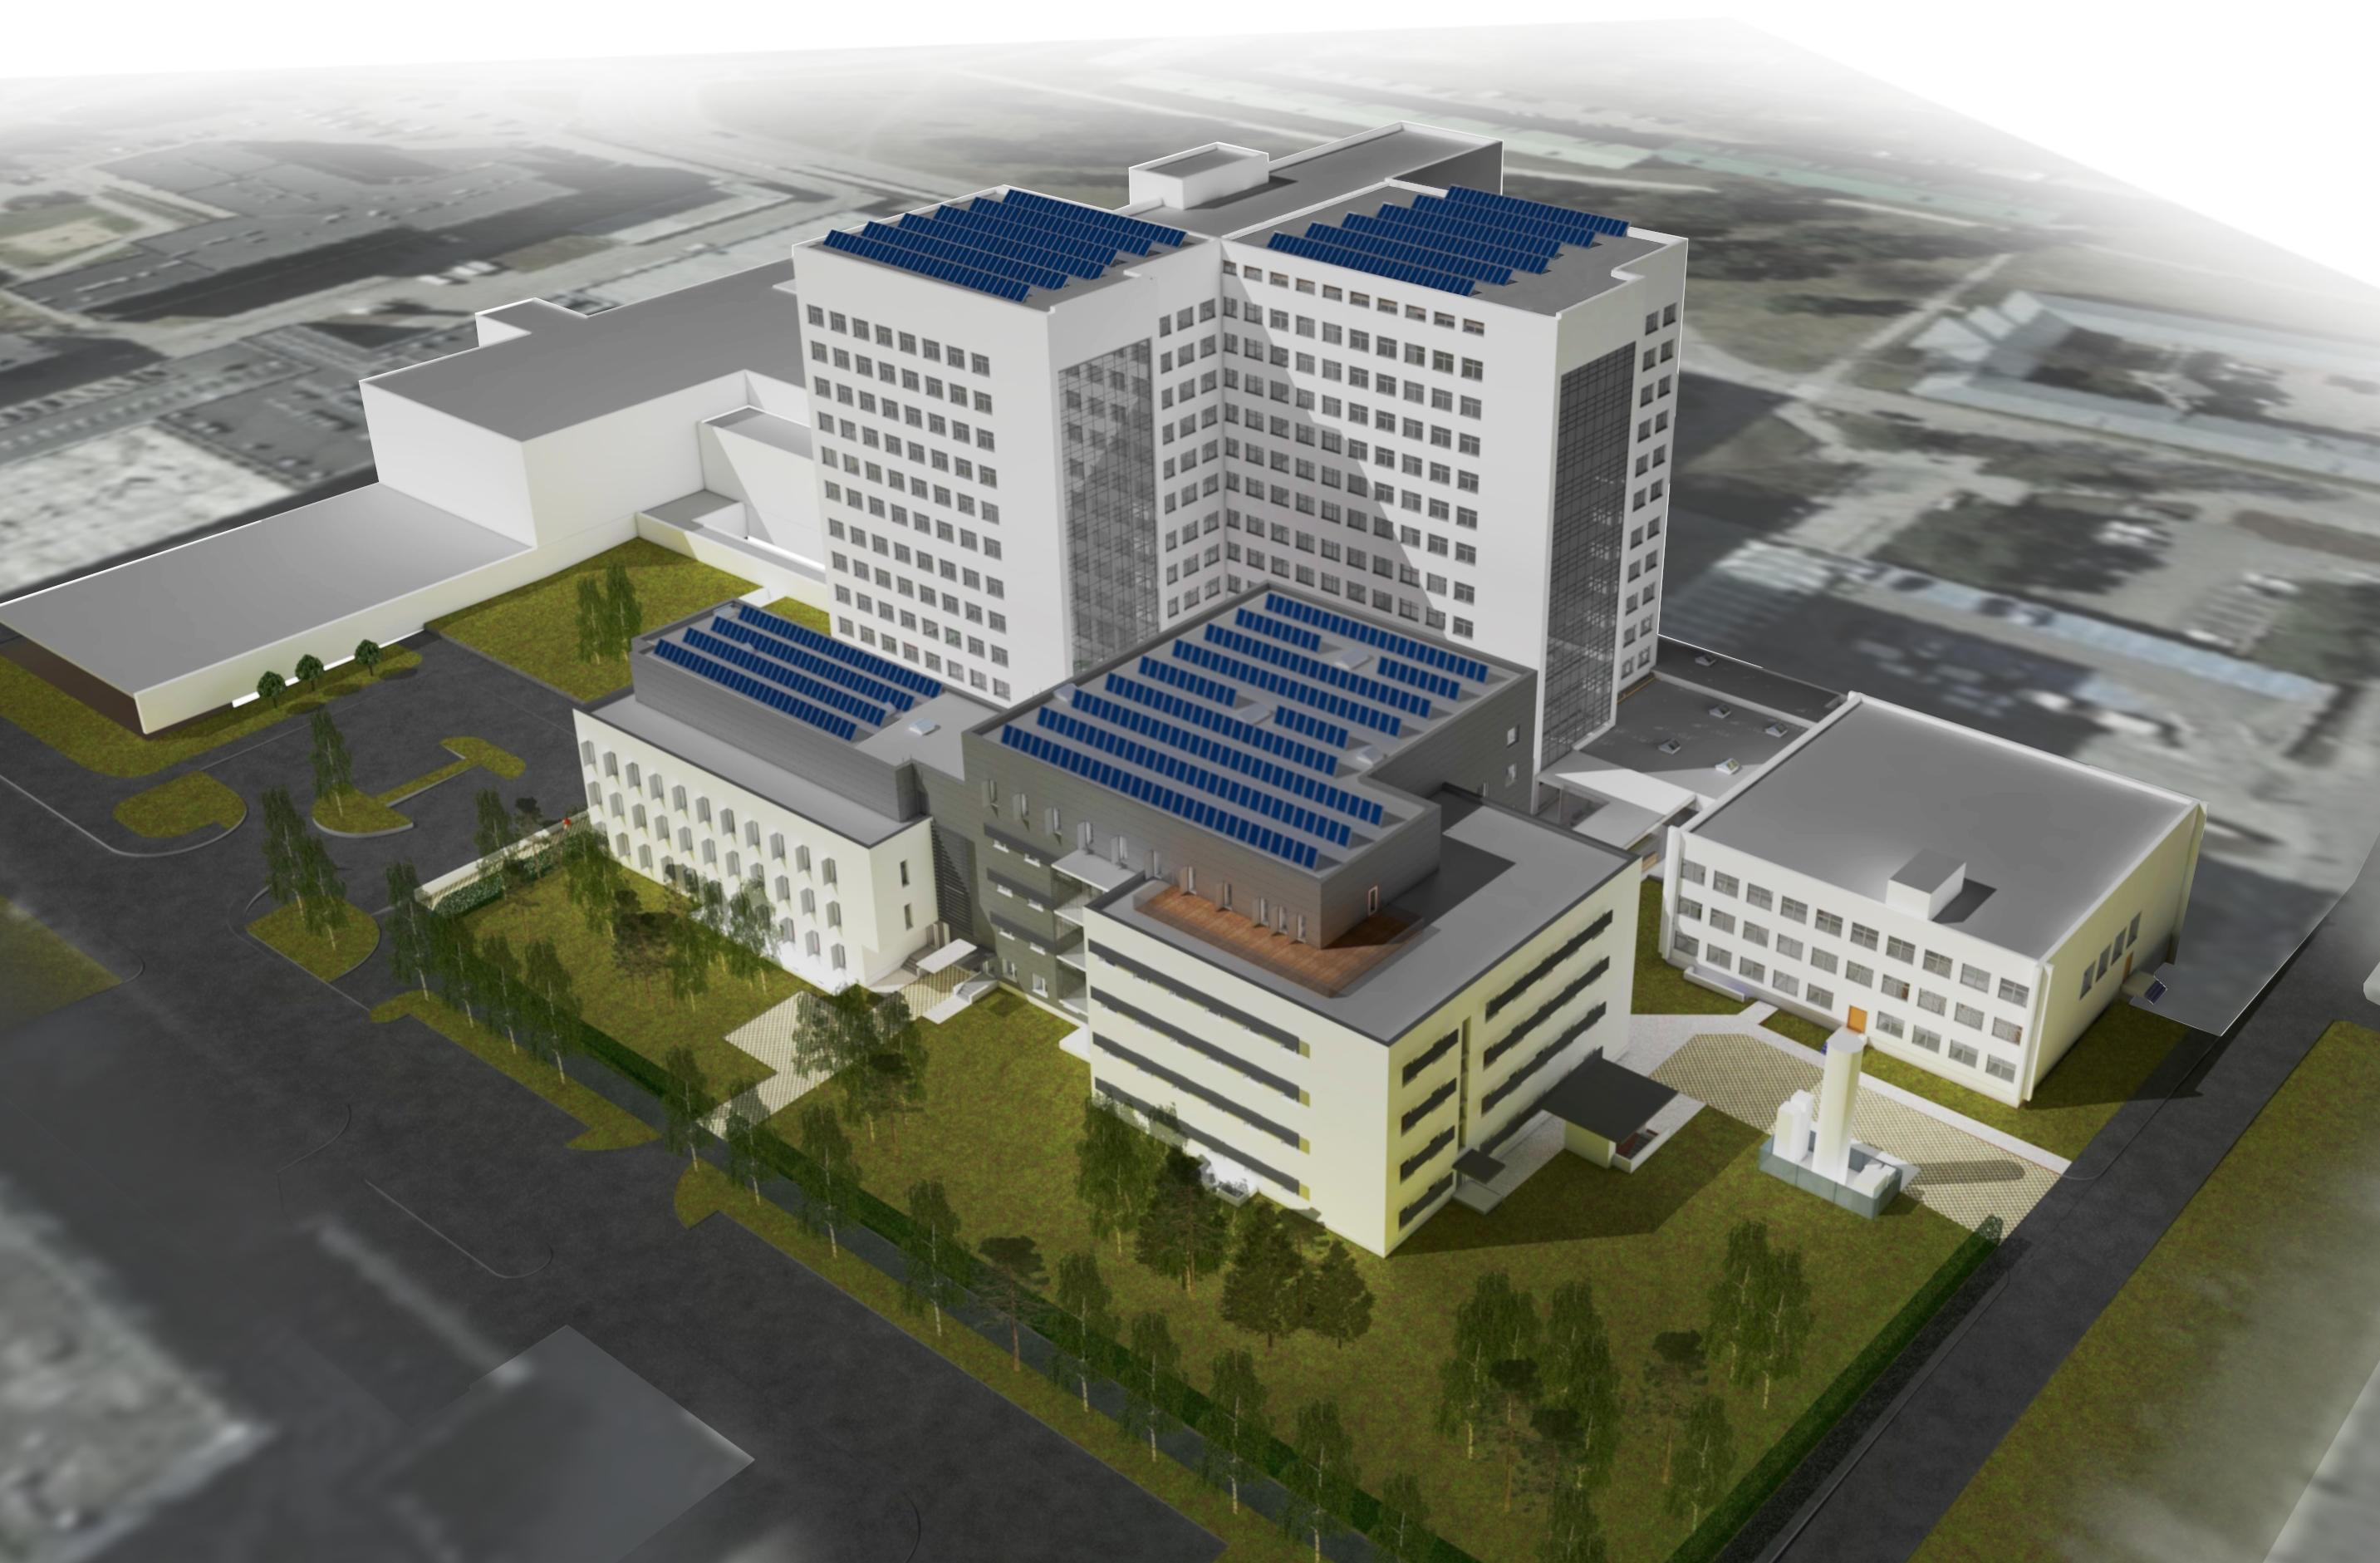 Mustamäe medical campus